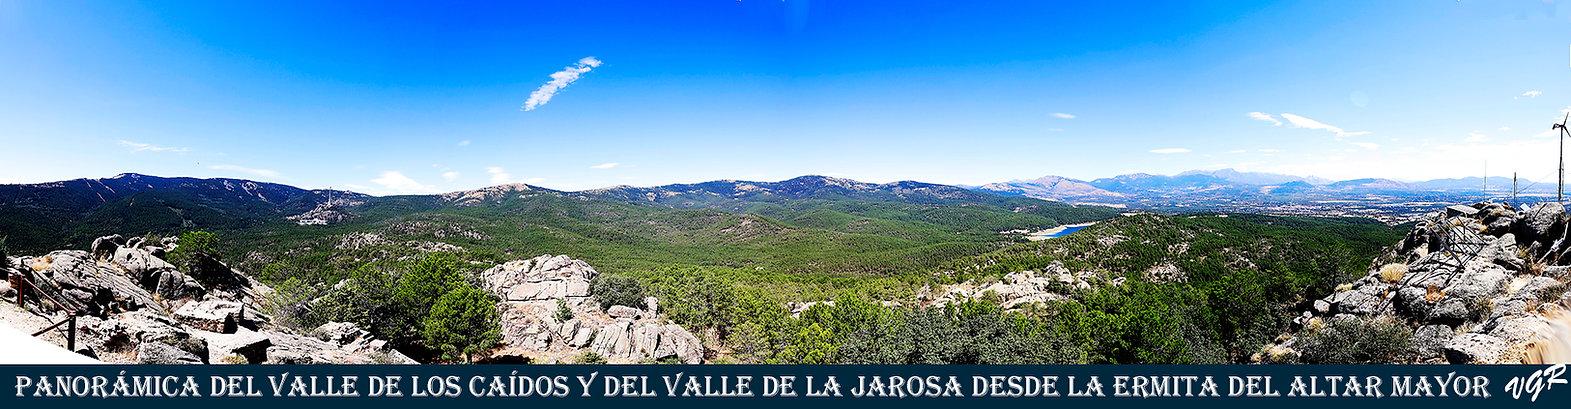 Panoramica Valle caidos+Jarosa desde el